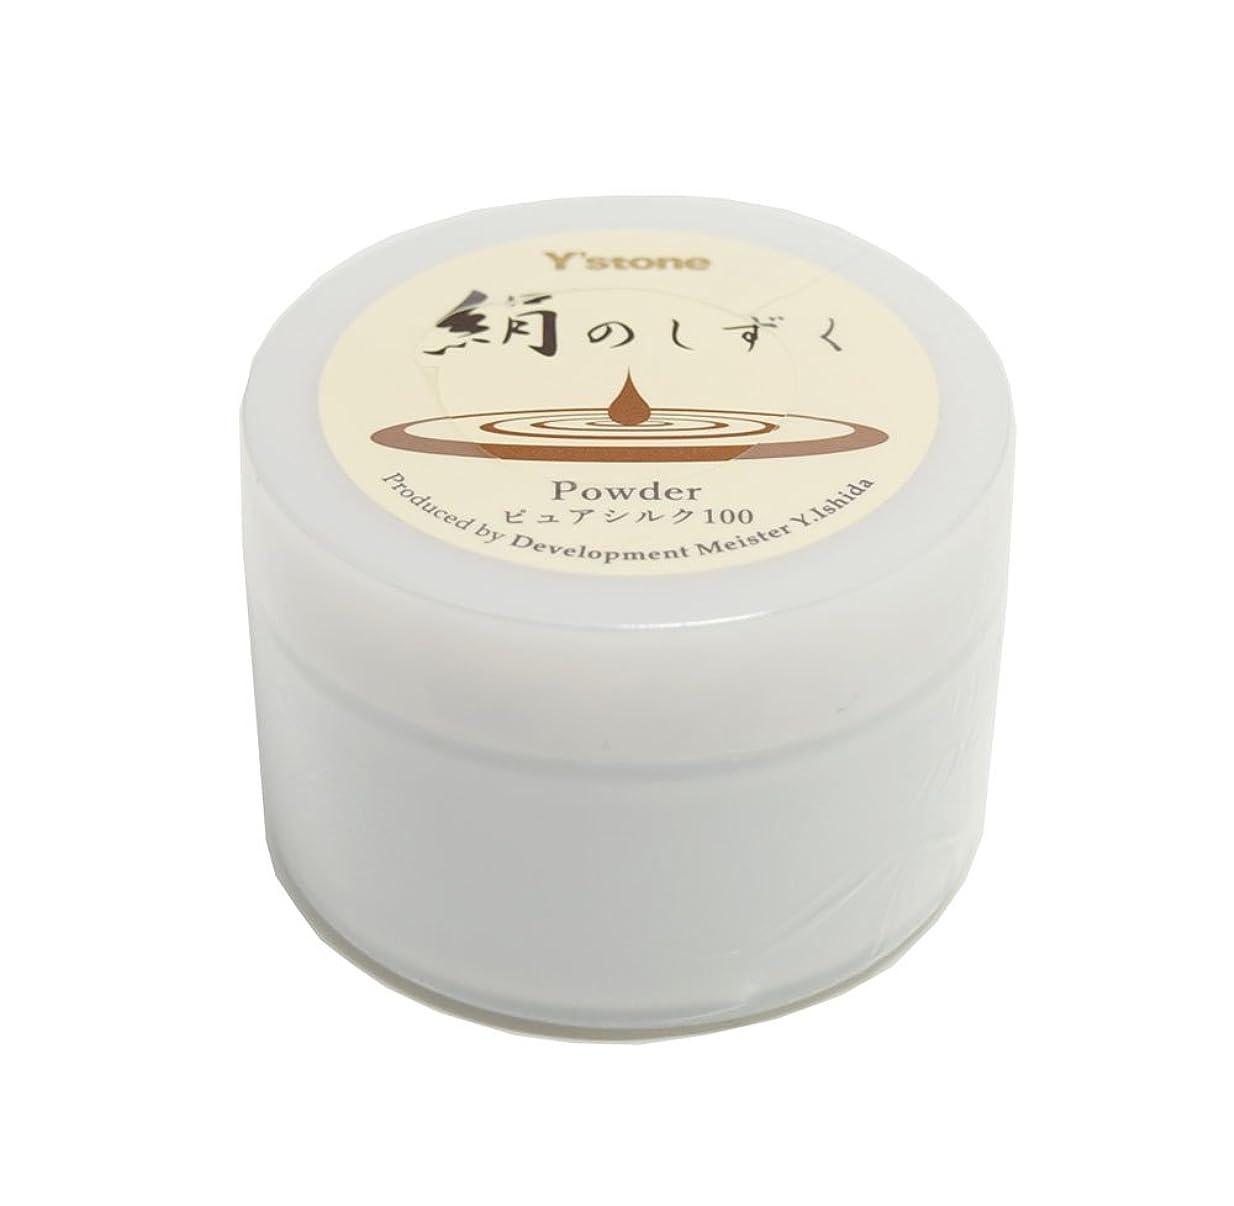 ねばねばオゾン活気づける絹のしずく シルクパウダー100 8g 国産シルク100% 使用。シルク(まゆ)を丸ごと使用☆自然の日焼けを防ぐ効果が期待